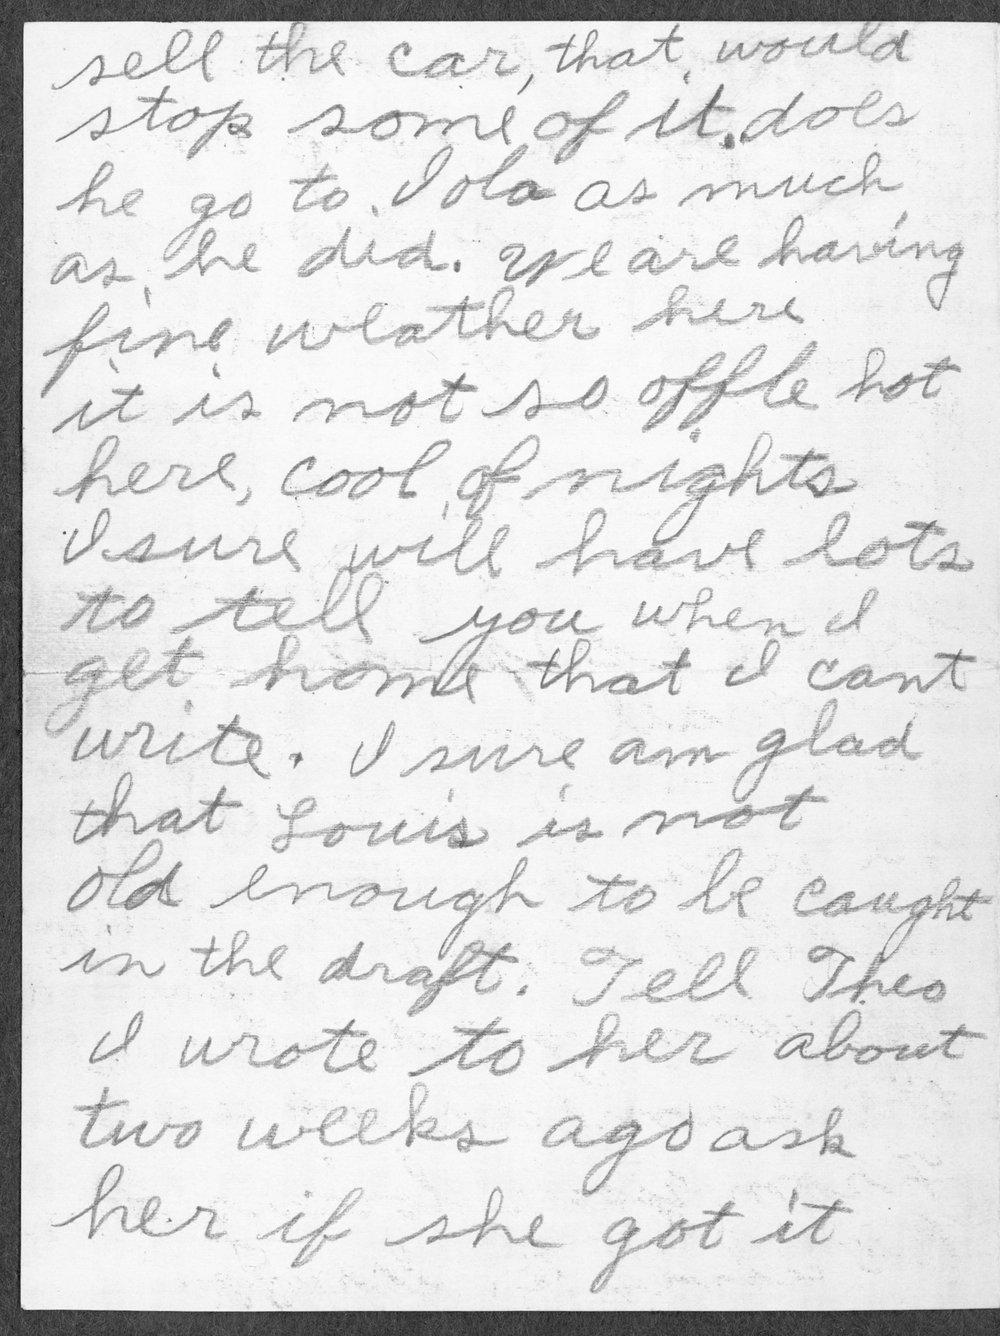 Alvin Artie Gregg, World War I soldier - 6